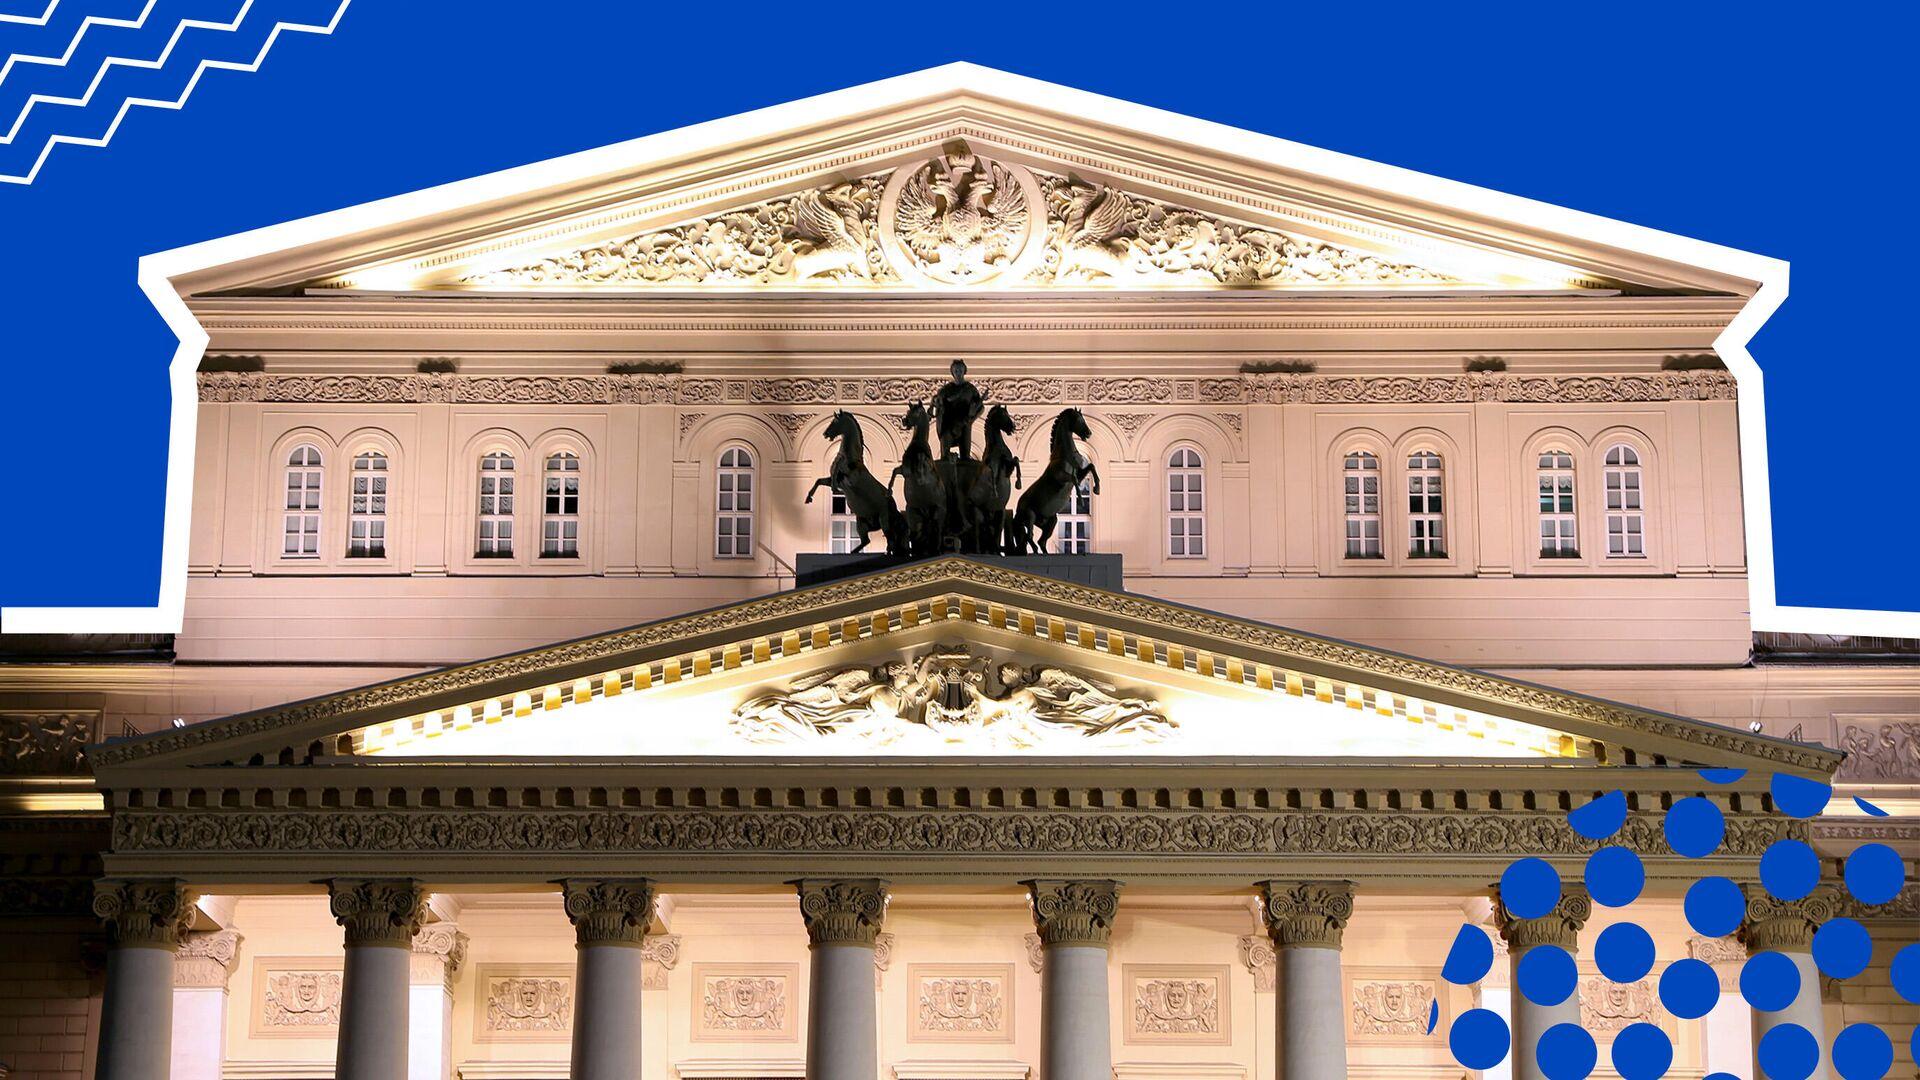 Коллаж с изображением здания Большого театра - РИА Новости, 1920, 21.04.2021